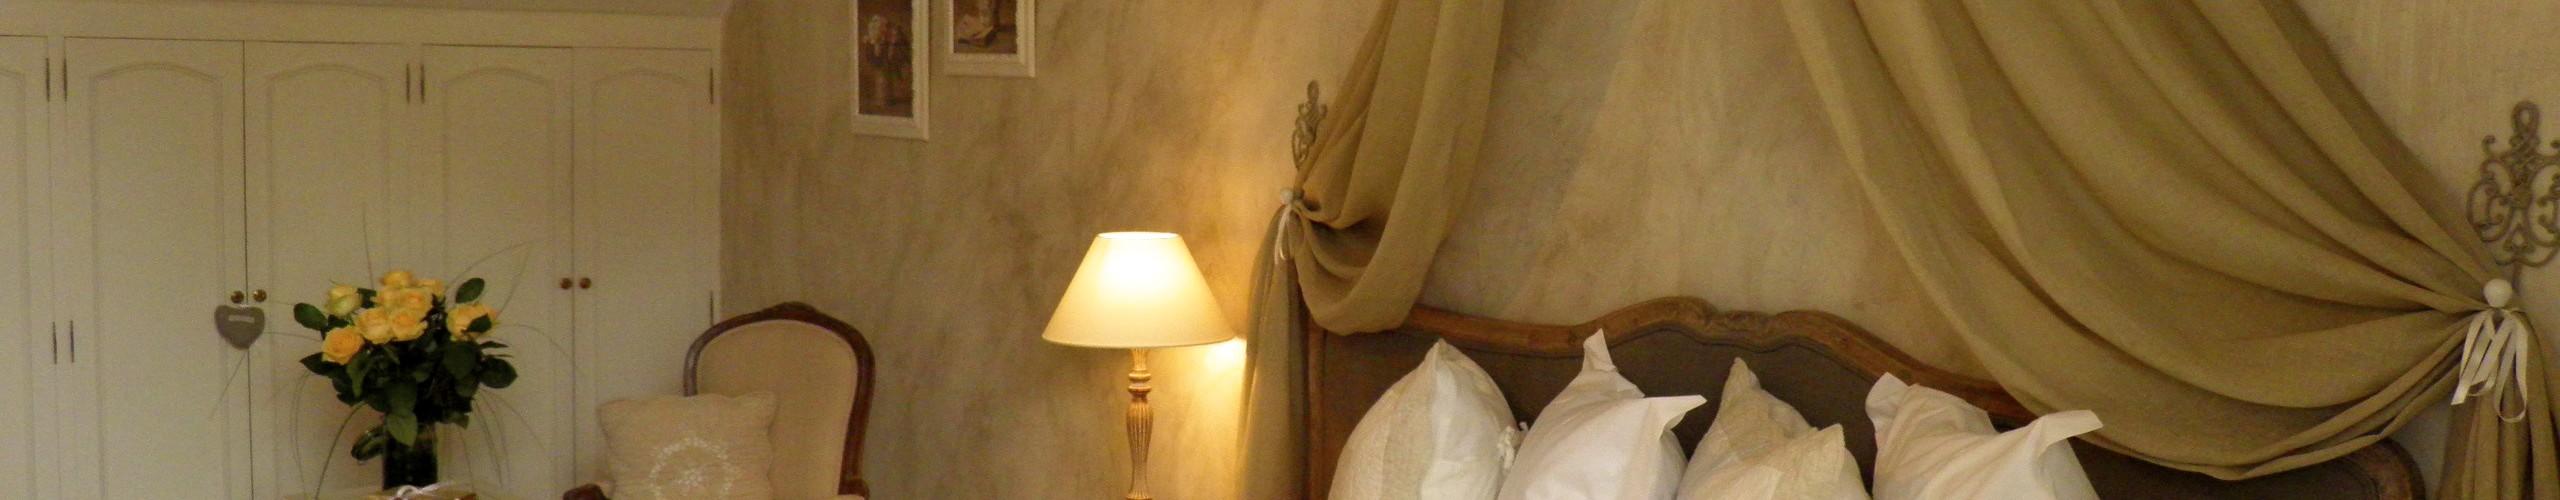 Chambre d'hôtes L'Ange est rêveur Langeais 37